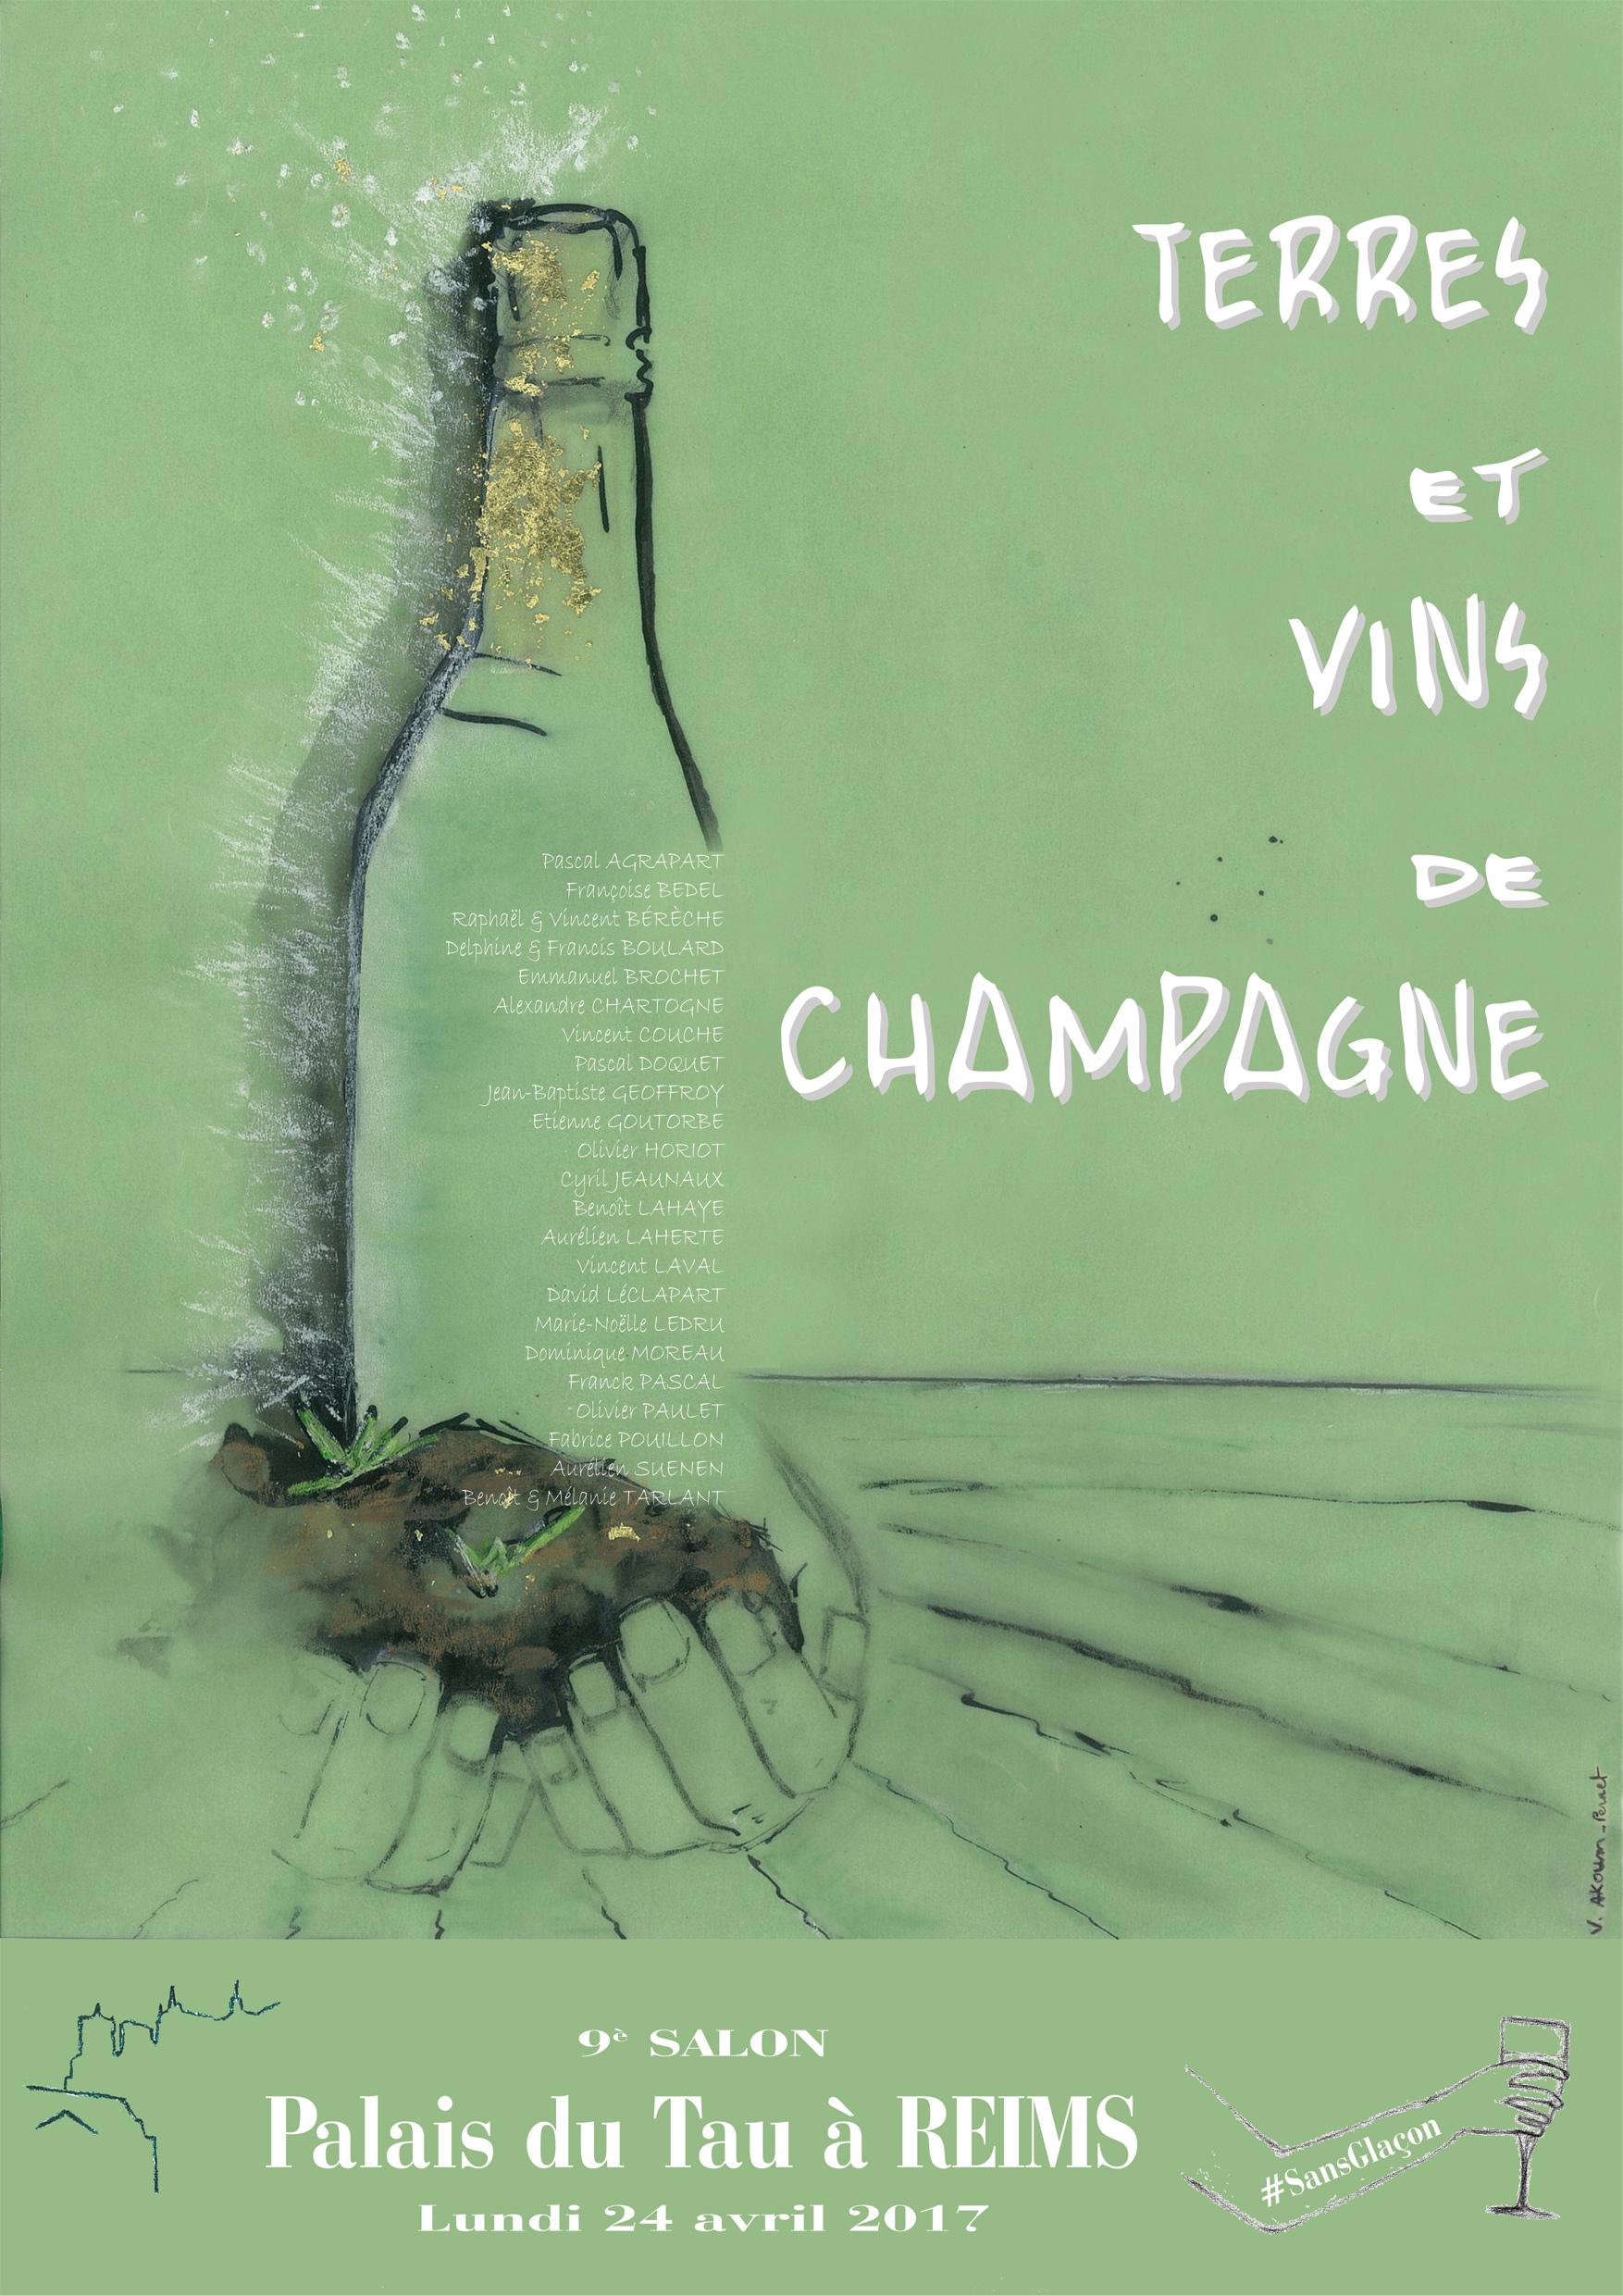 Terres et vins de champagne for Salon du vin reims 2017